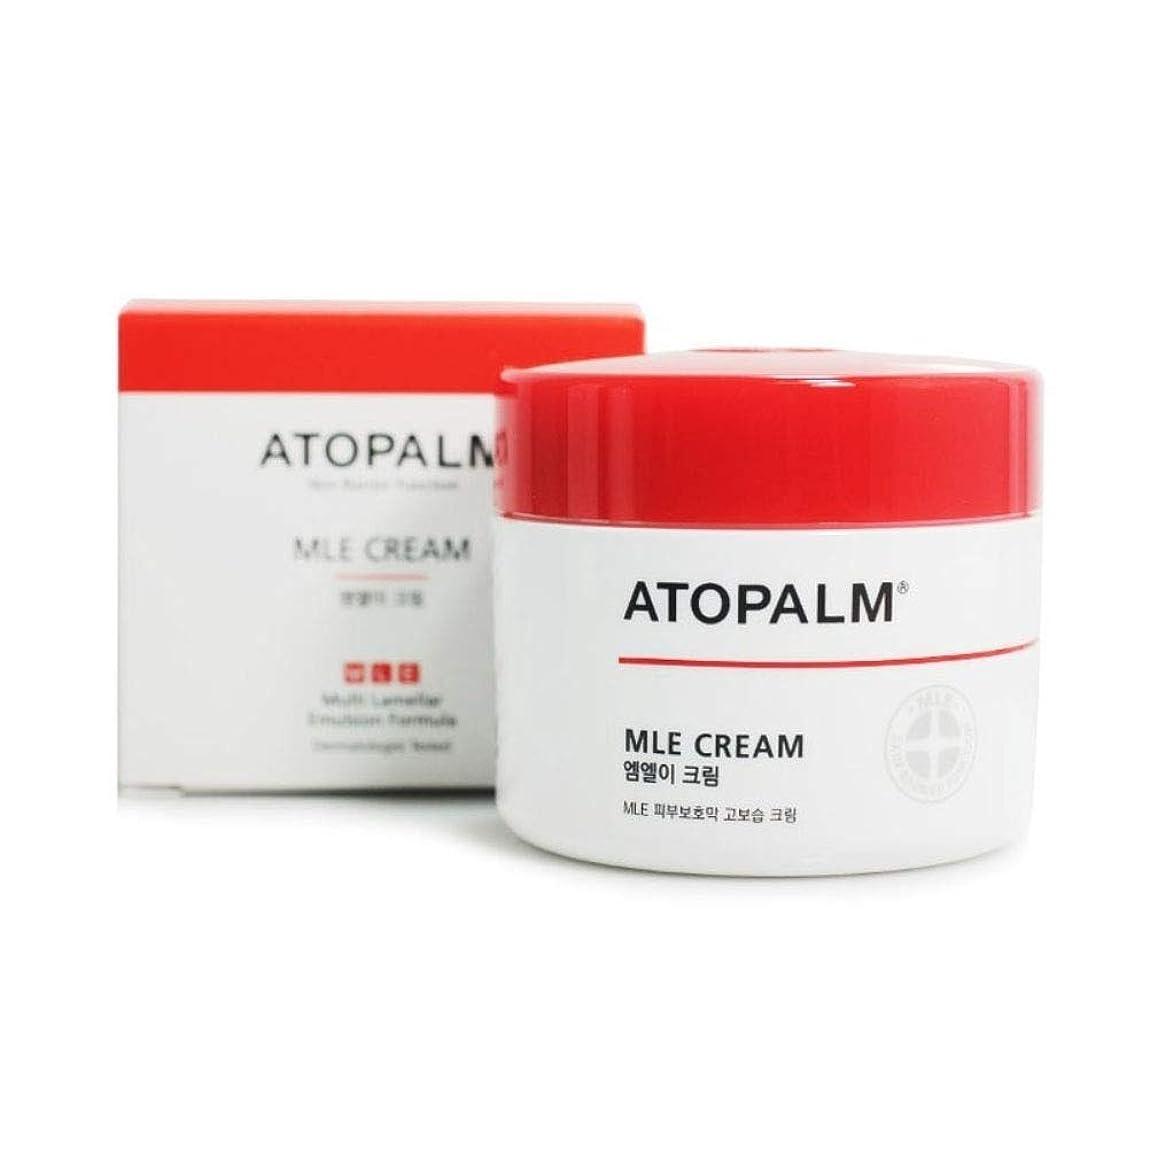 ロープ根拠資金アトパムMLEクリーム160mlベビークリーム韓国コスメ、Atopalm MLE Cream 160ml Baby Cream Korean Cosmetics [並行輸入品]